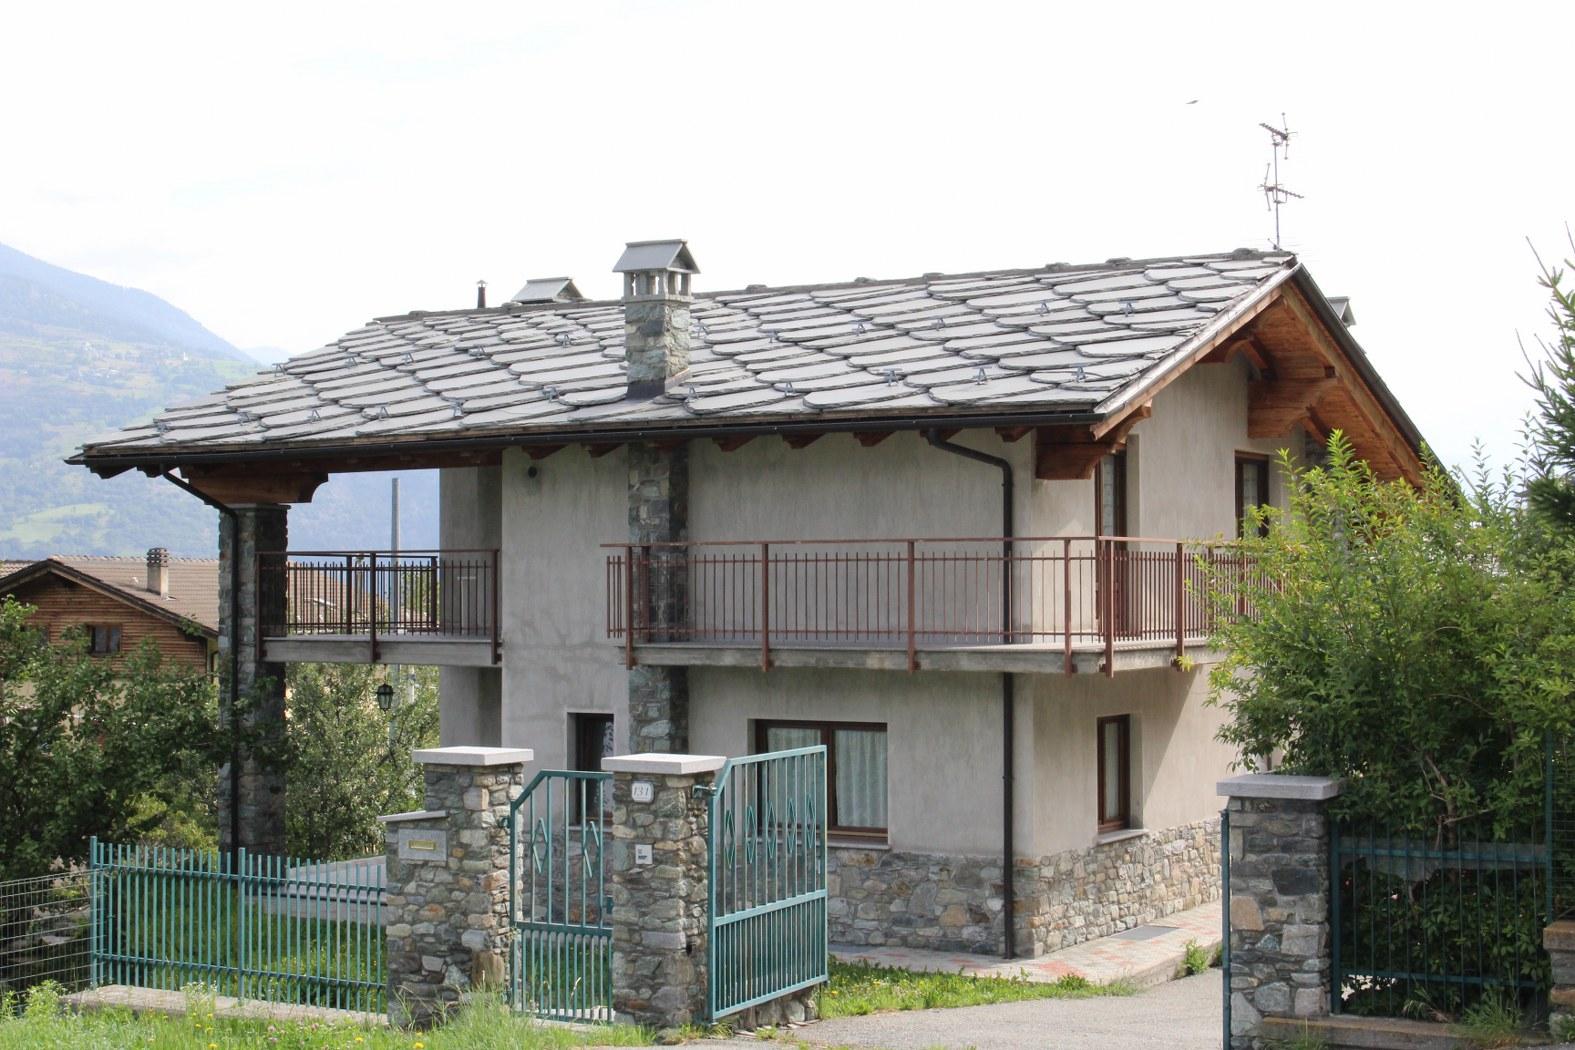 Villa in vendita a Brissogne, 8 locali, prezzo € 320.000 | CambioCasa.it